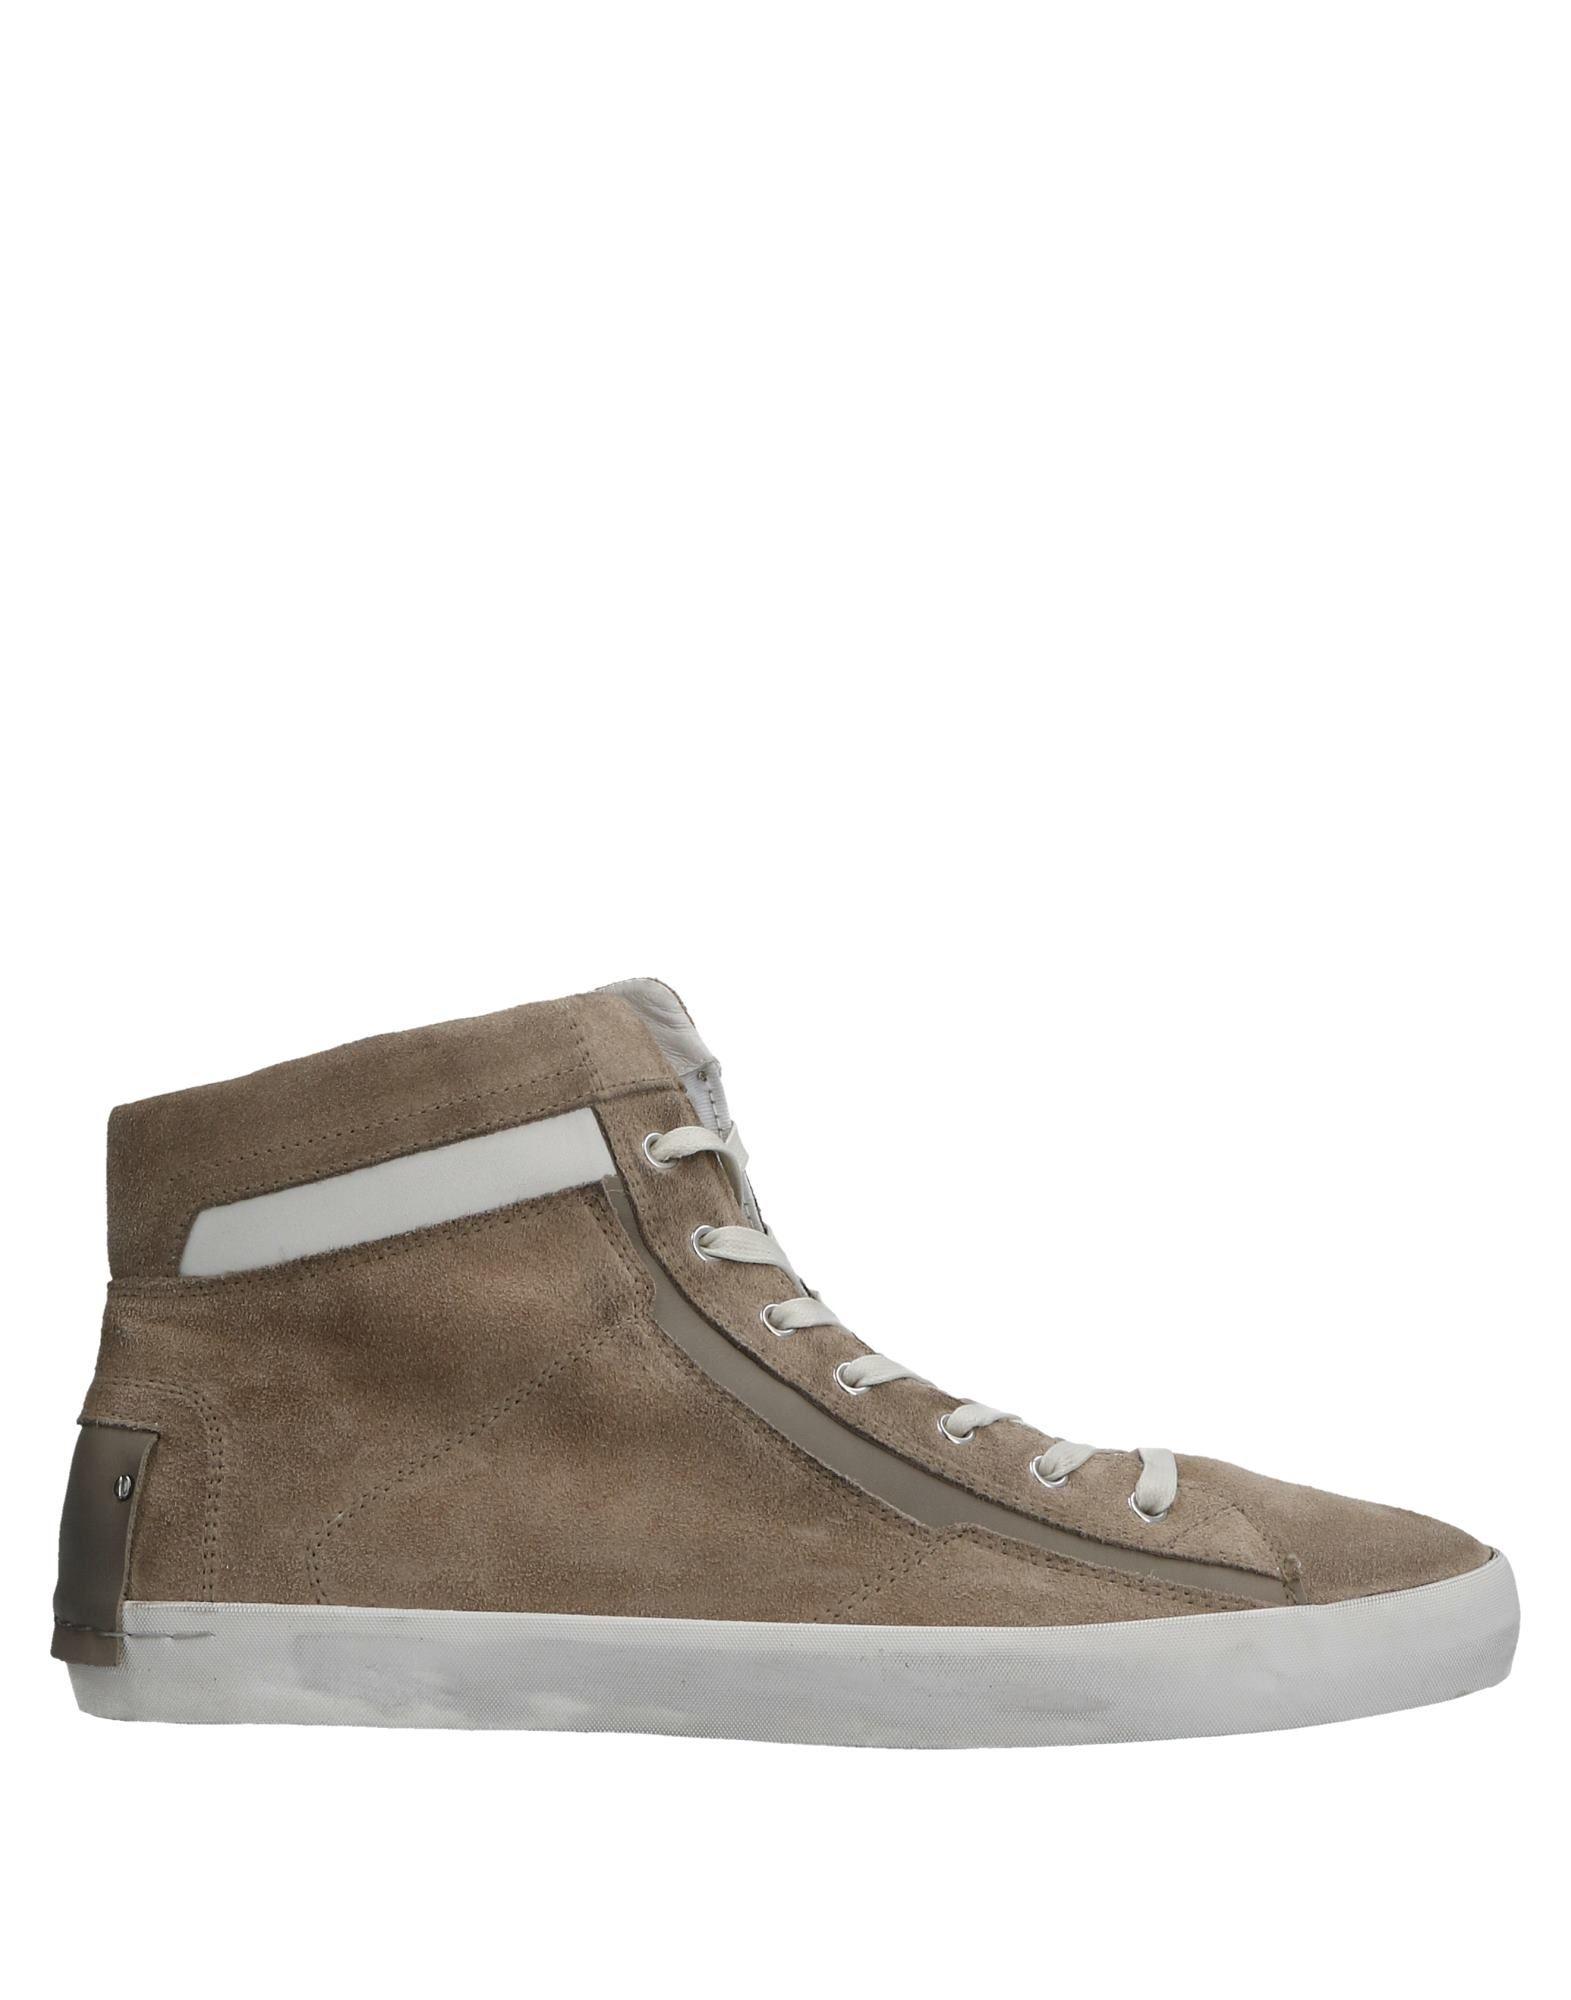 Rabatt echte Schuhe Crime London Sneakers Herren  11531609PQ